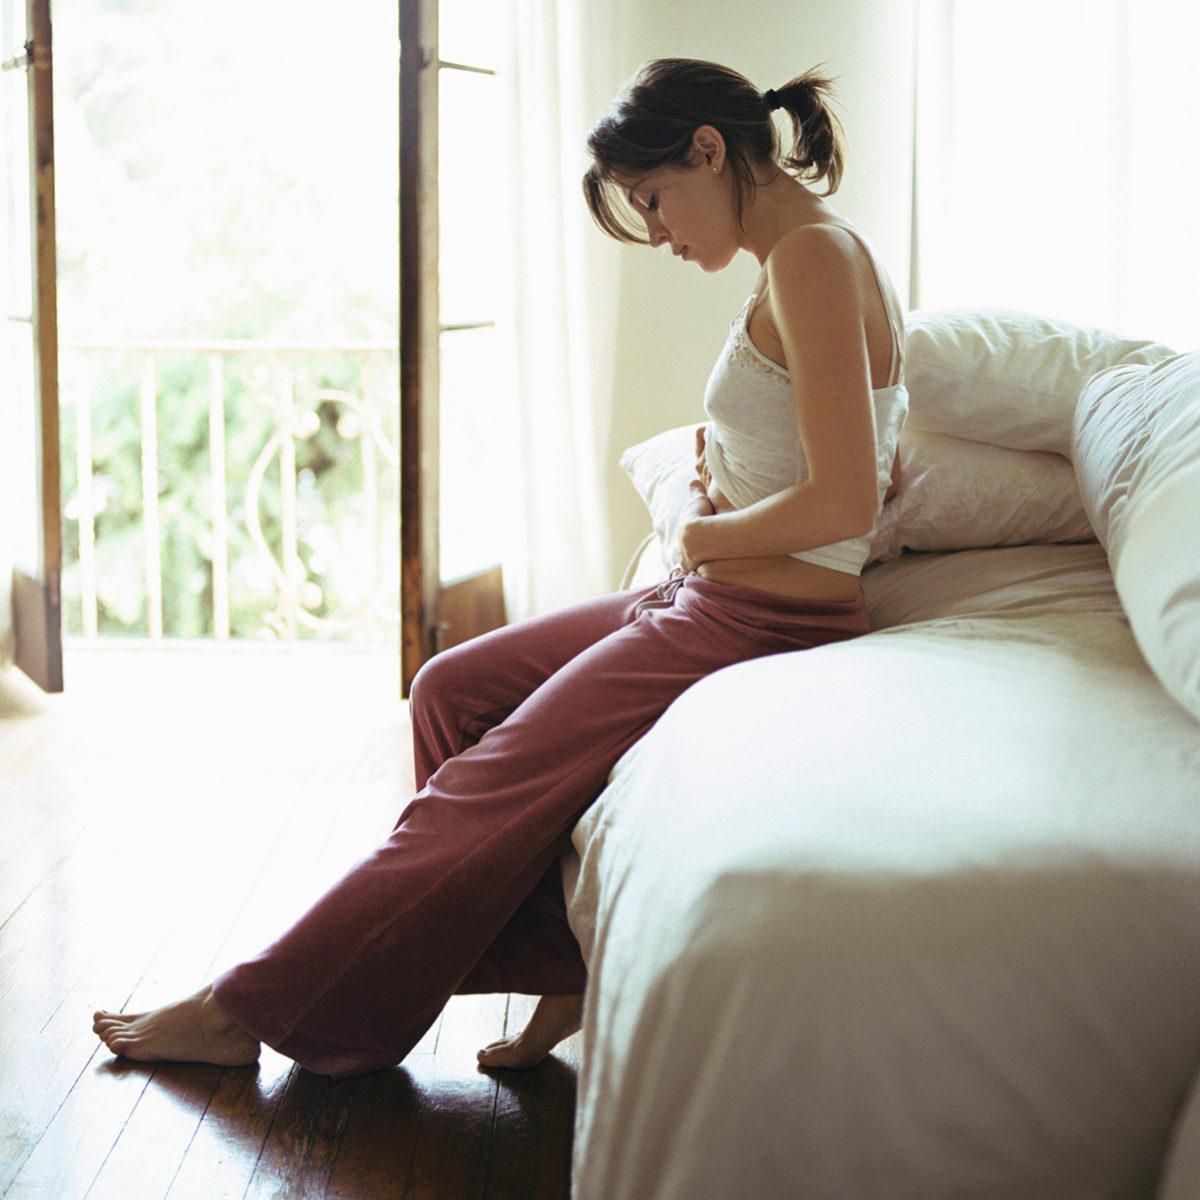 La candidiasis es frecuente durante los embarazos.